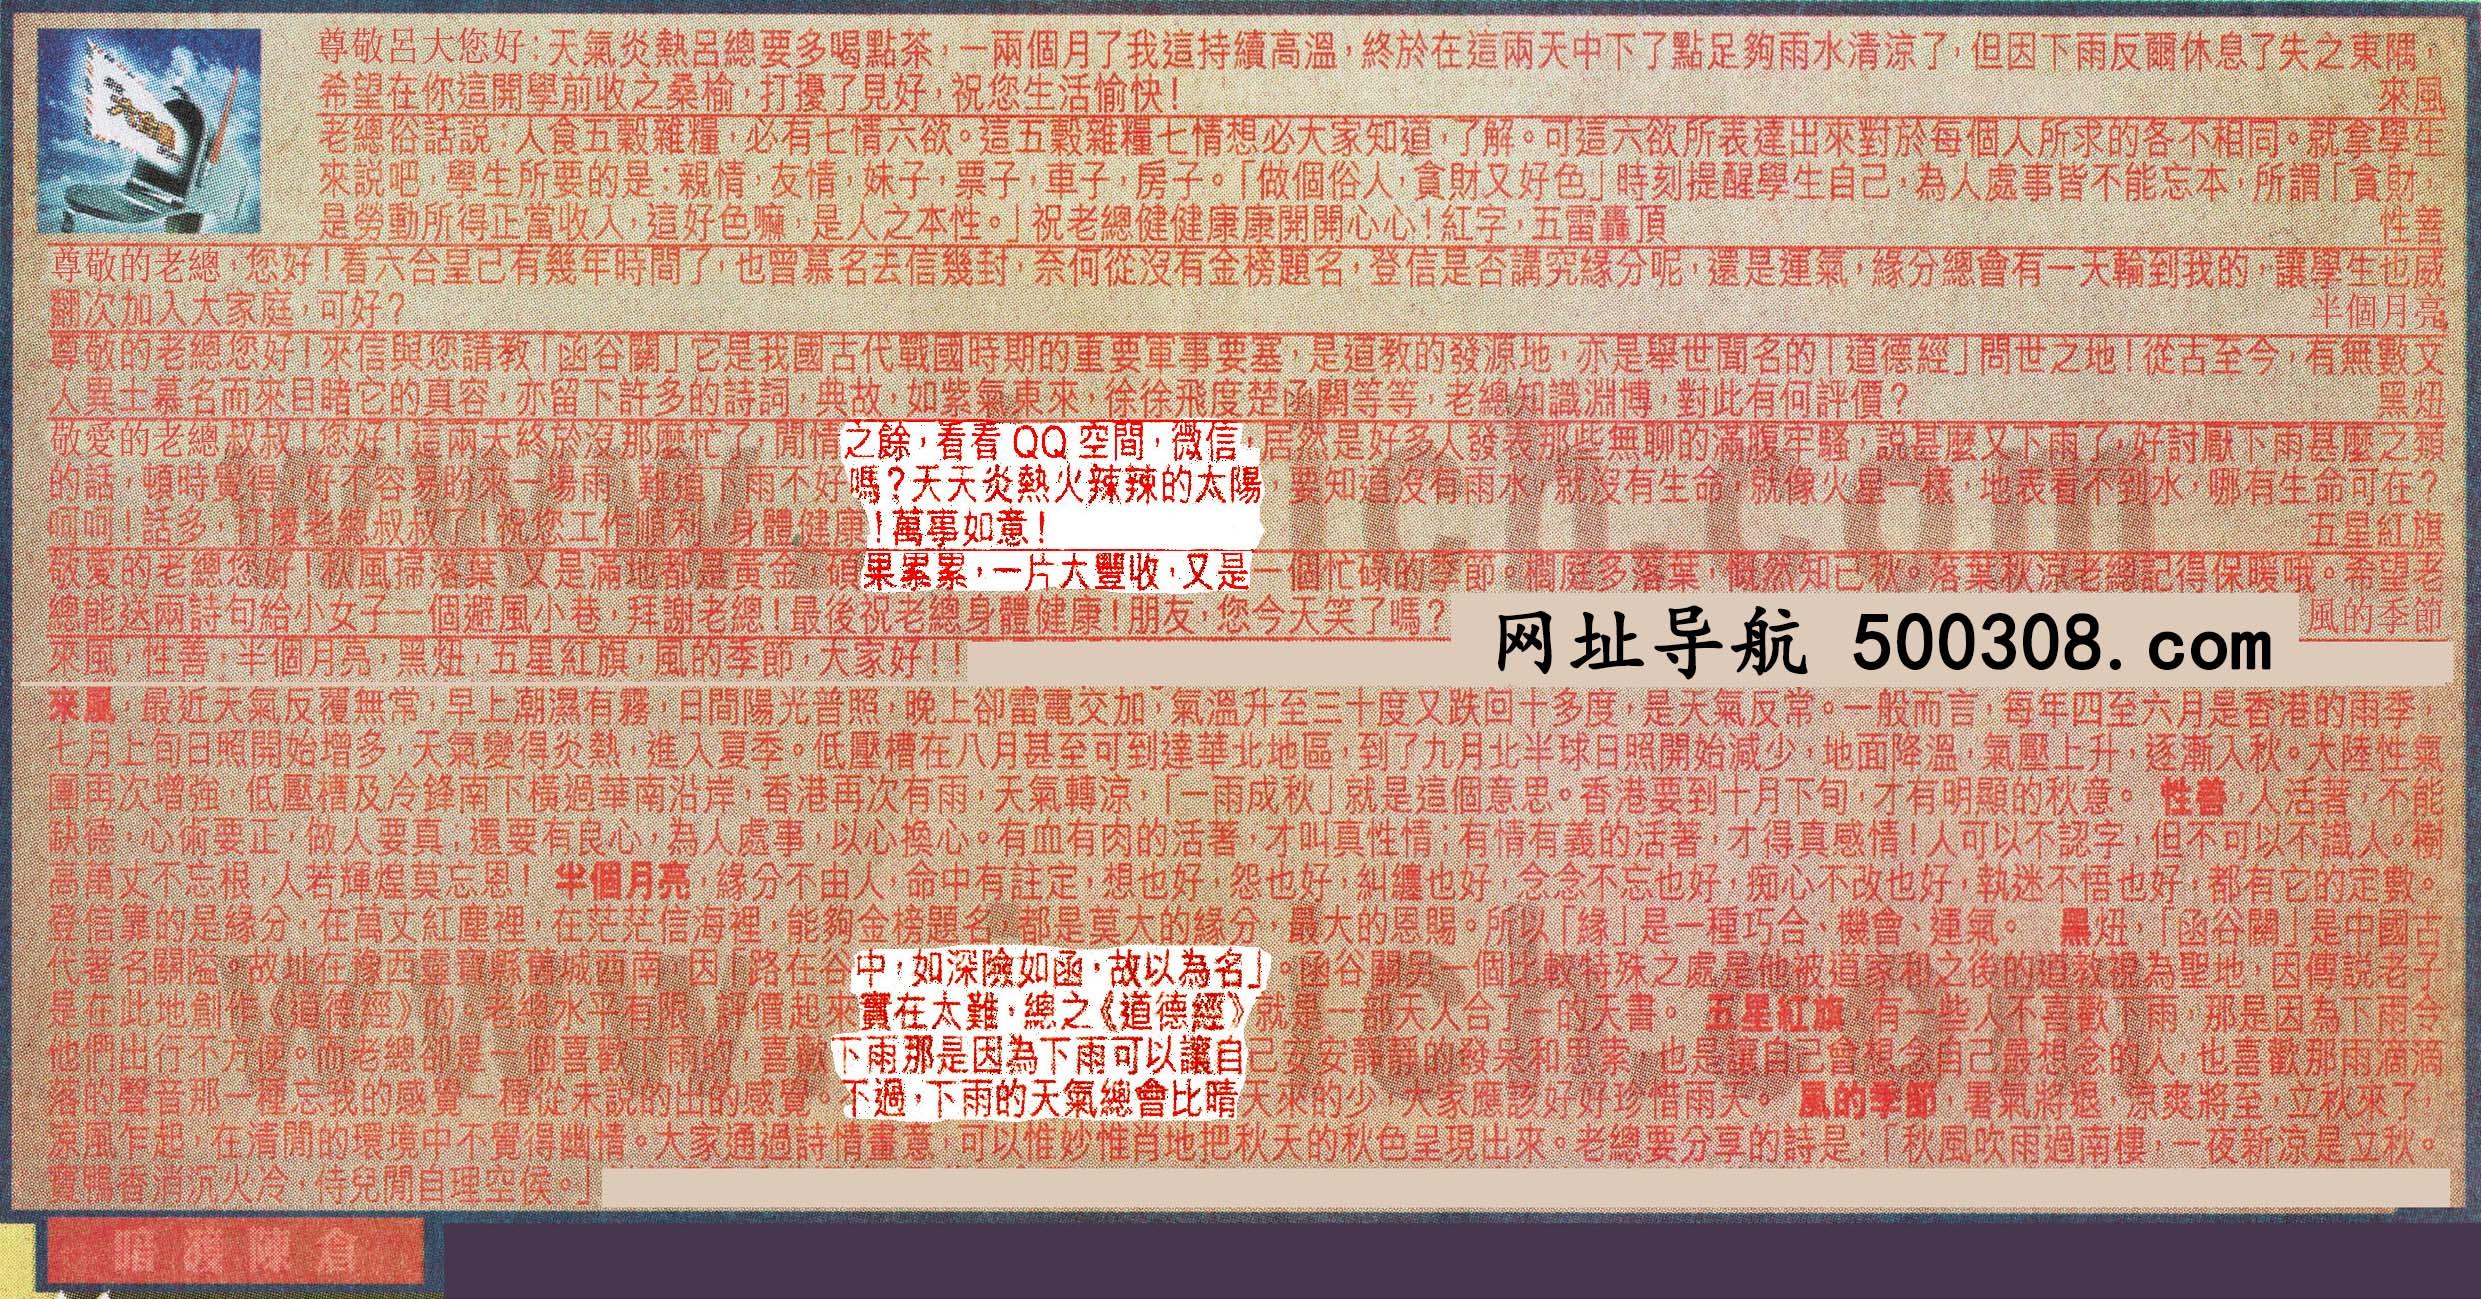 068期:彩民推荐六合皇信箱(�t字:暗渡��}) 068期开奖结果:17-22-04-32-14-12-T41(鸡/蓝/木)